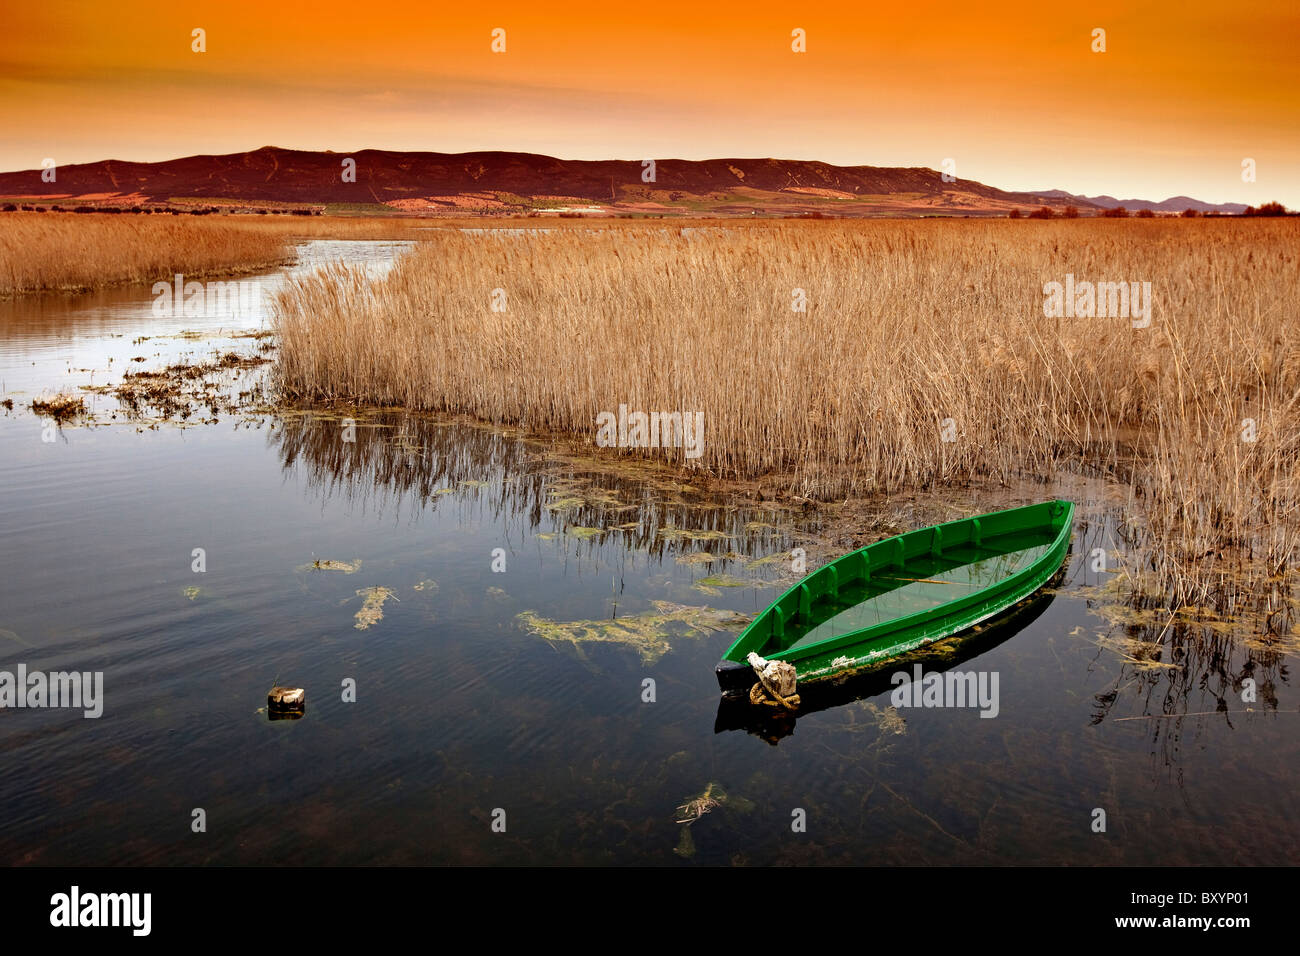 Barca En el Parque Nacional de Las Tablas de Daimiel Ciudad Real Castilla La Mancha España Boot National Park Stockbild